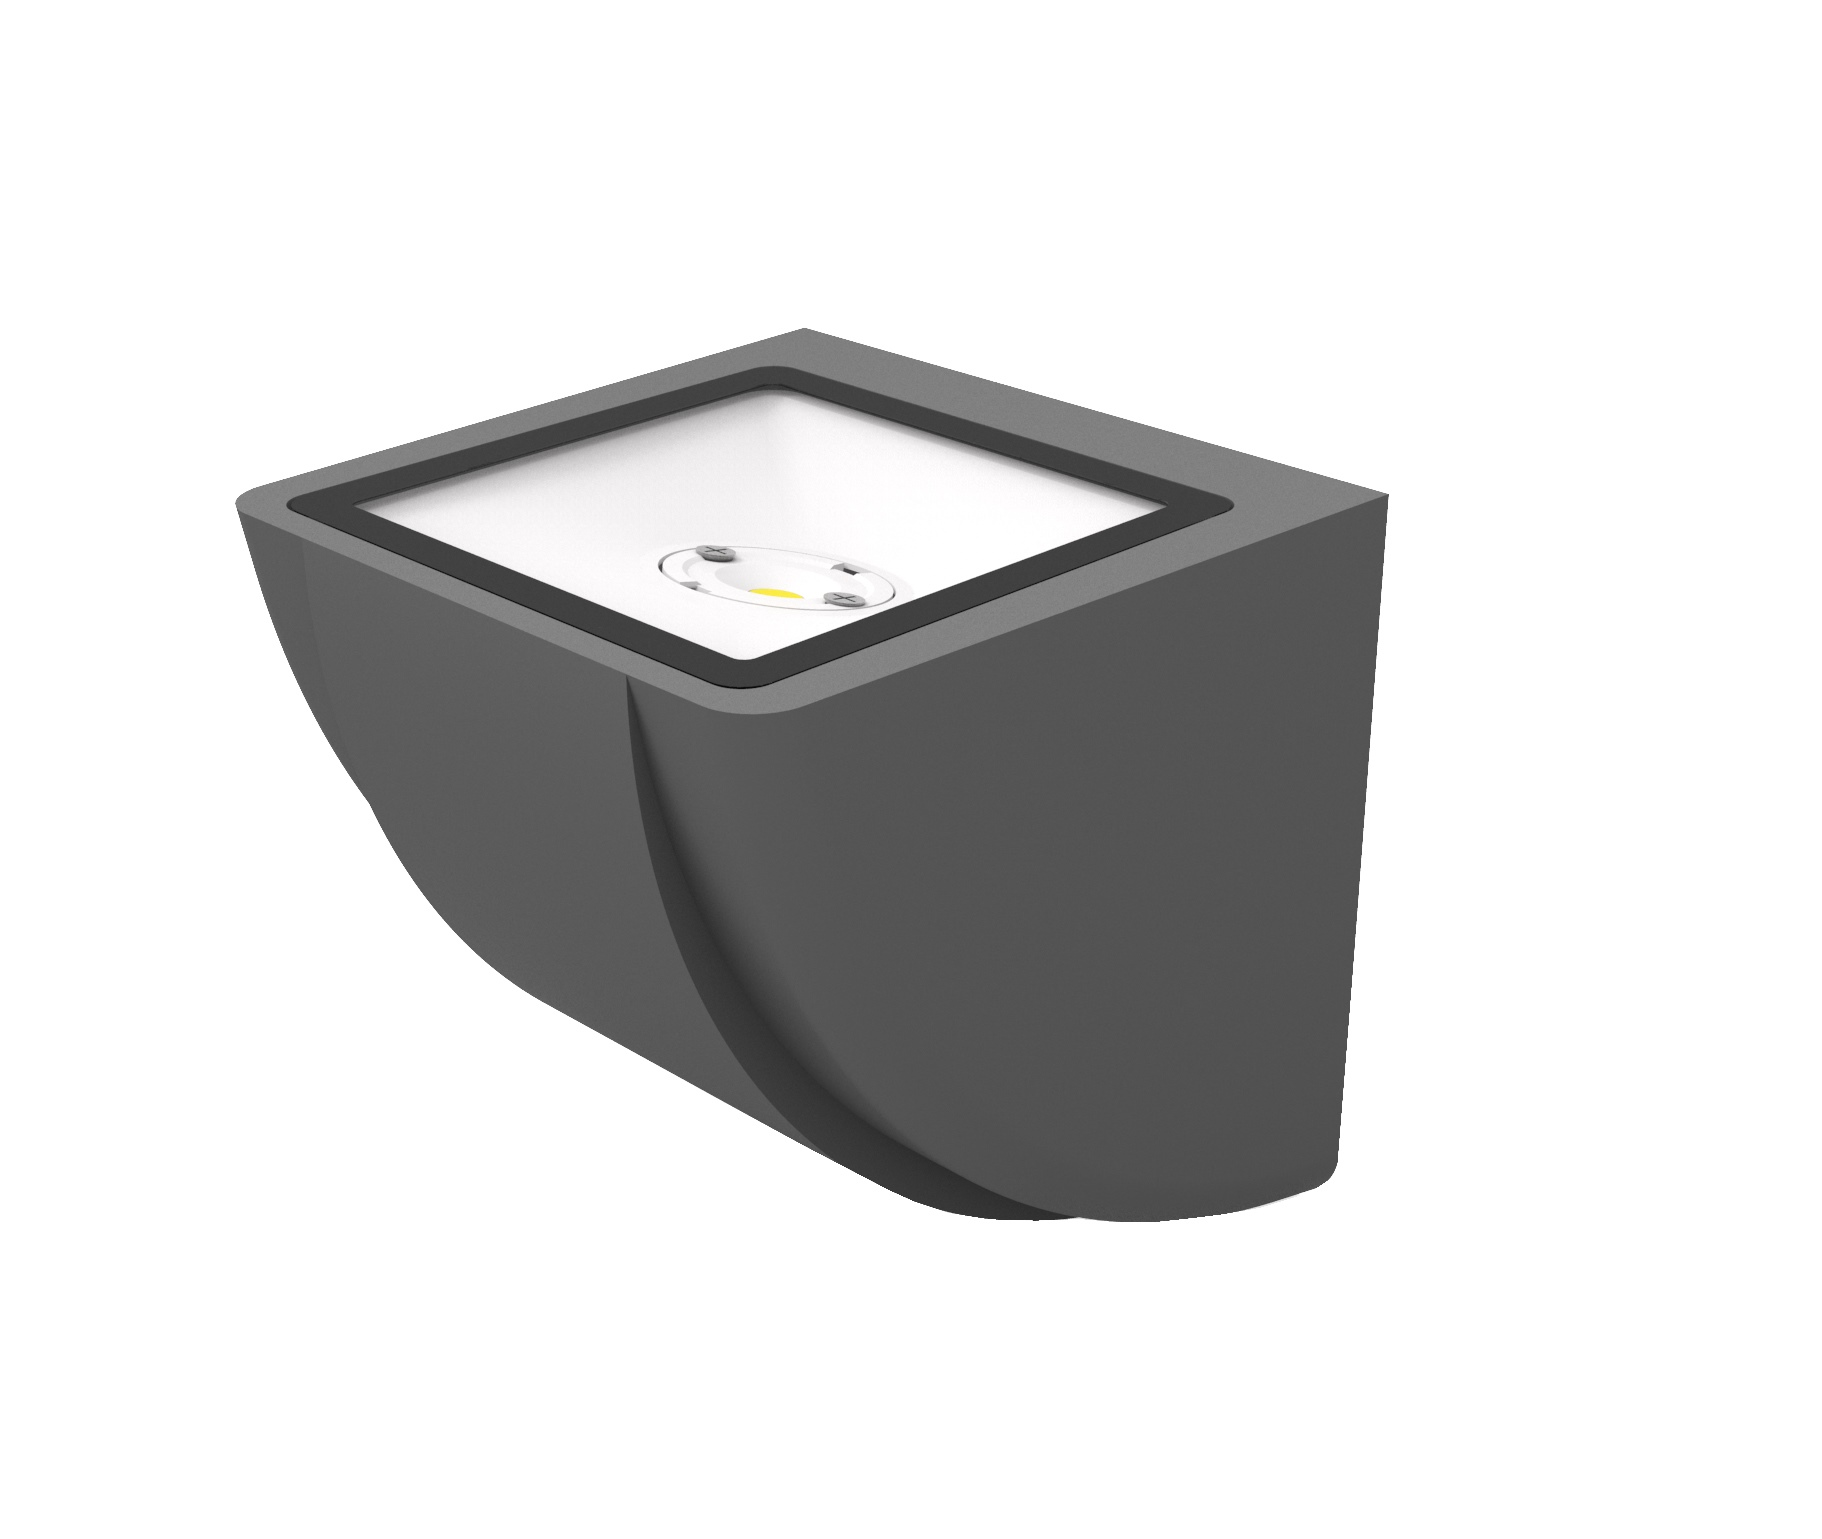 Lampenlux Außenleuchte Julio Aluminium Schwarz 580lm 7,5W LED 3000K IP65